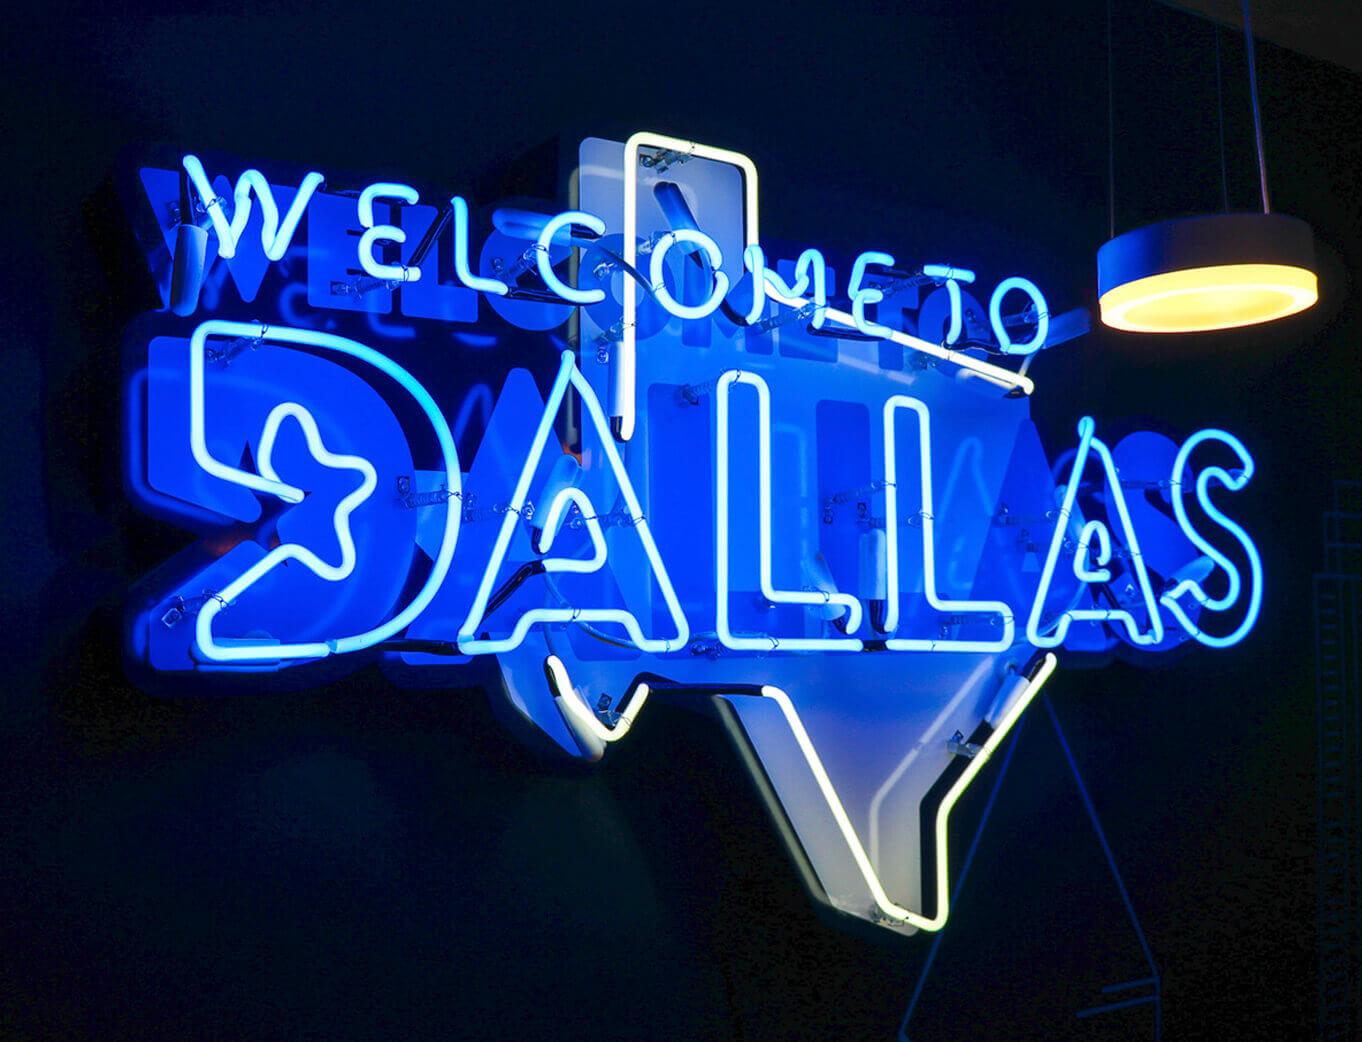 Dallas Stars Winter Classic Cotton Bowl